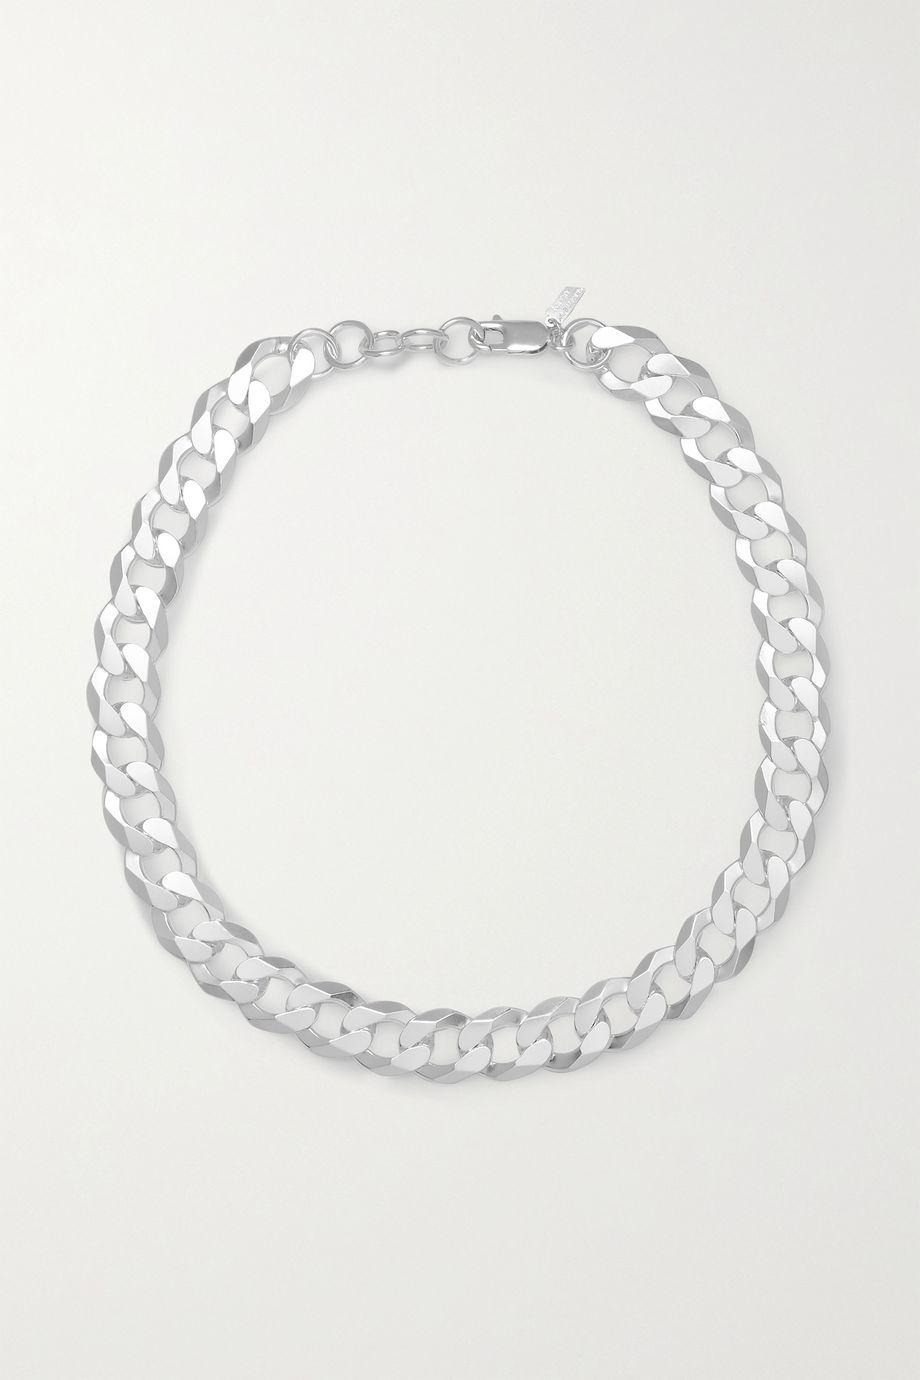 Loren Stewart XL 银质项链